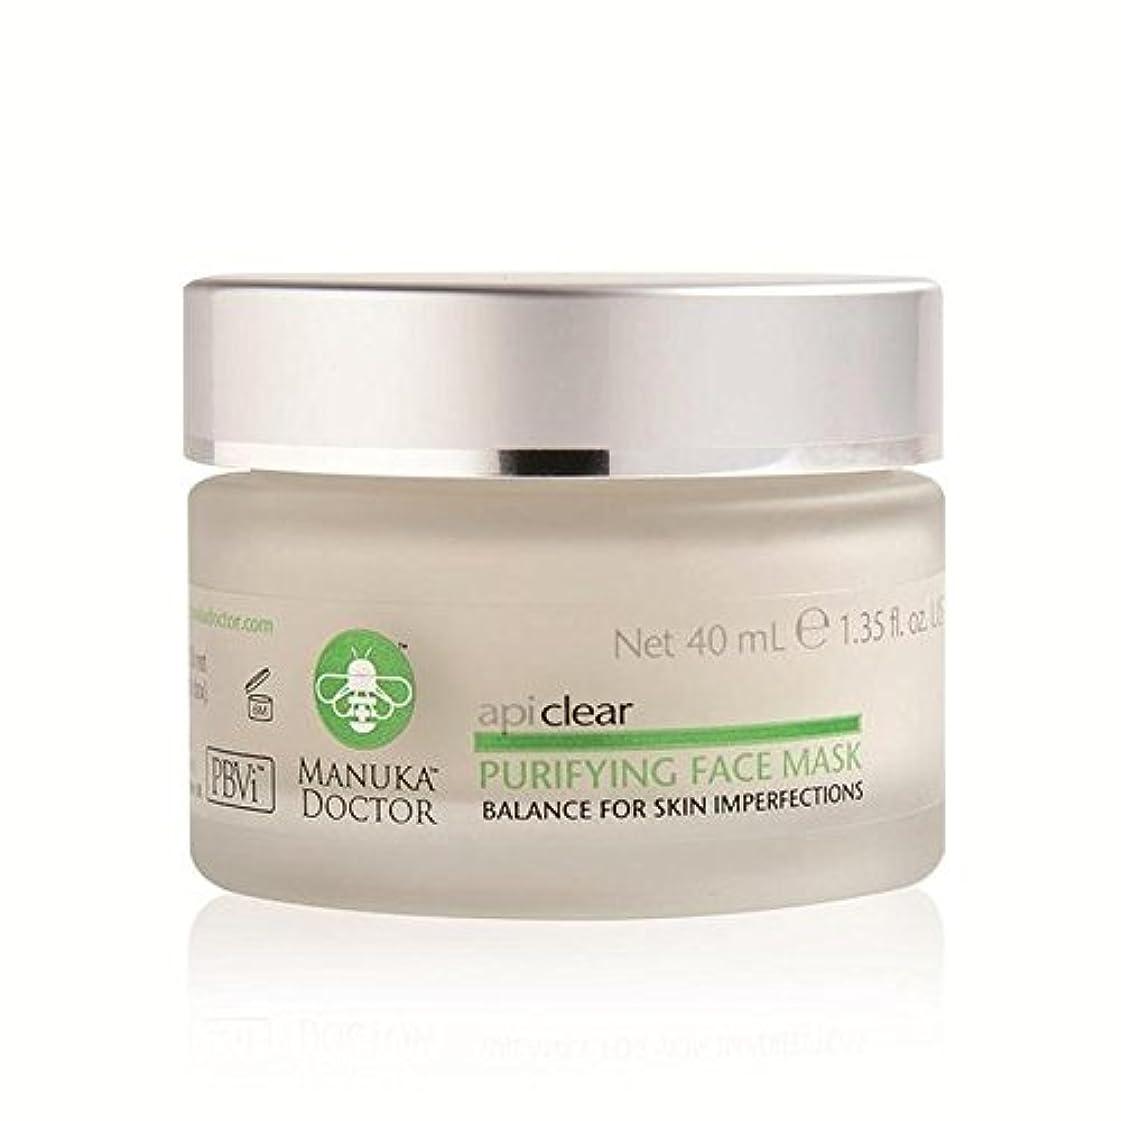 異議痛み骨髄マヌカドクター明確な浄化フェイスマスク40ミリリットル x2 - Manuka Doctor Api Clear Purifying Face Mask 40ml (Pack of 2) [並行輸入品]